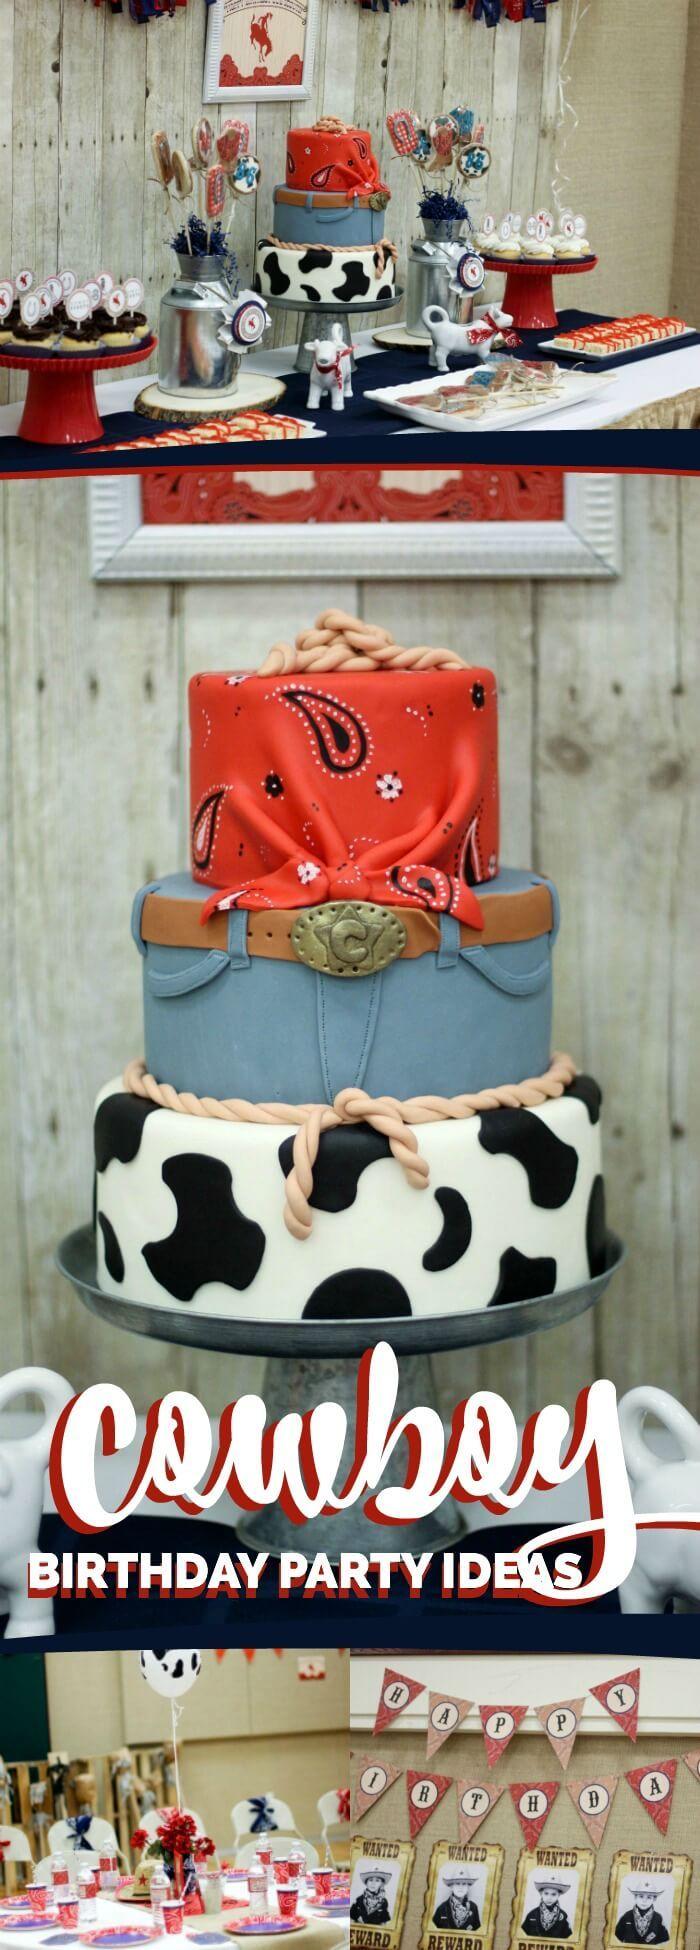 Cowboy Themed Western Birthday Party Ideas